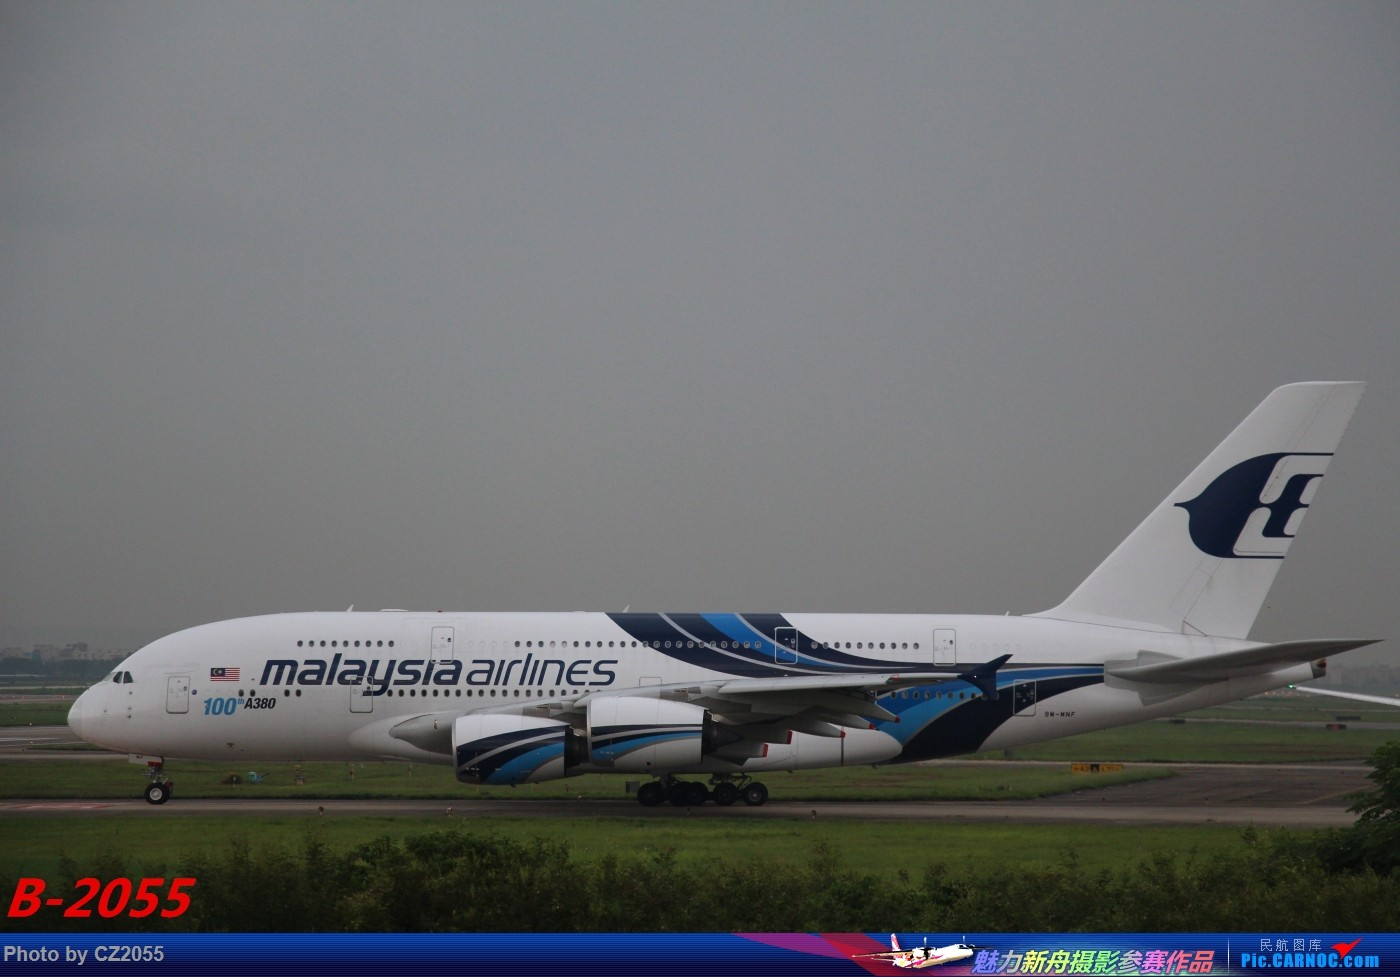 [原创]【广东青少年拍机小队】【C-Z-2055】马来西亚航空公司 A380-800 9M-MNF [3pics]. AIRBUS A380-800 9M-MNF 中国广州白云国际机场